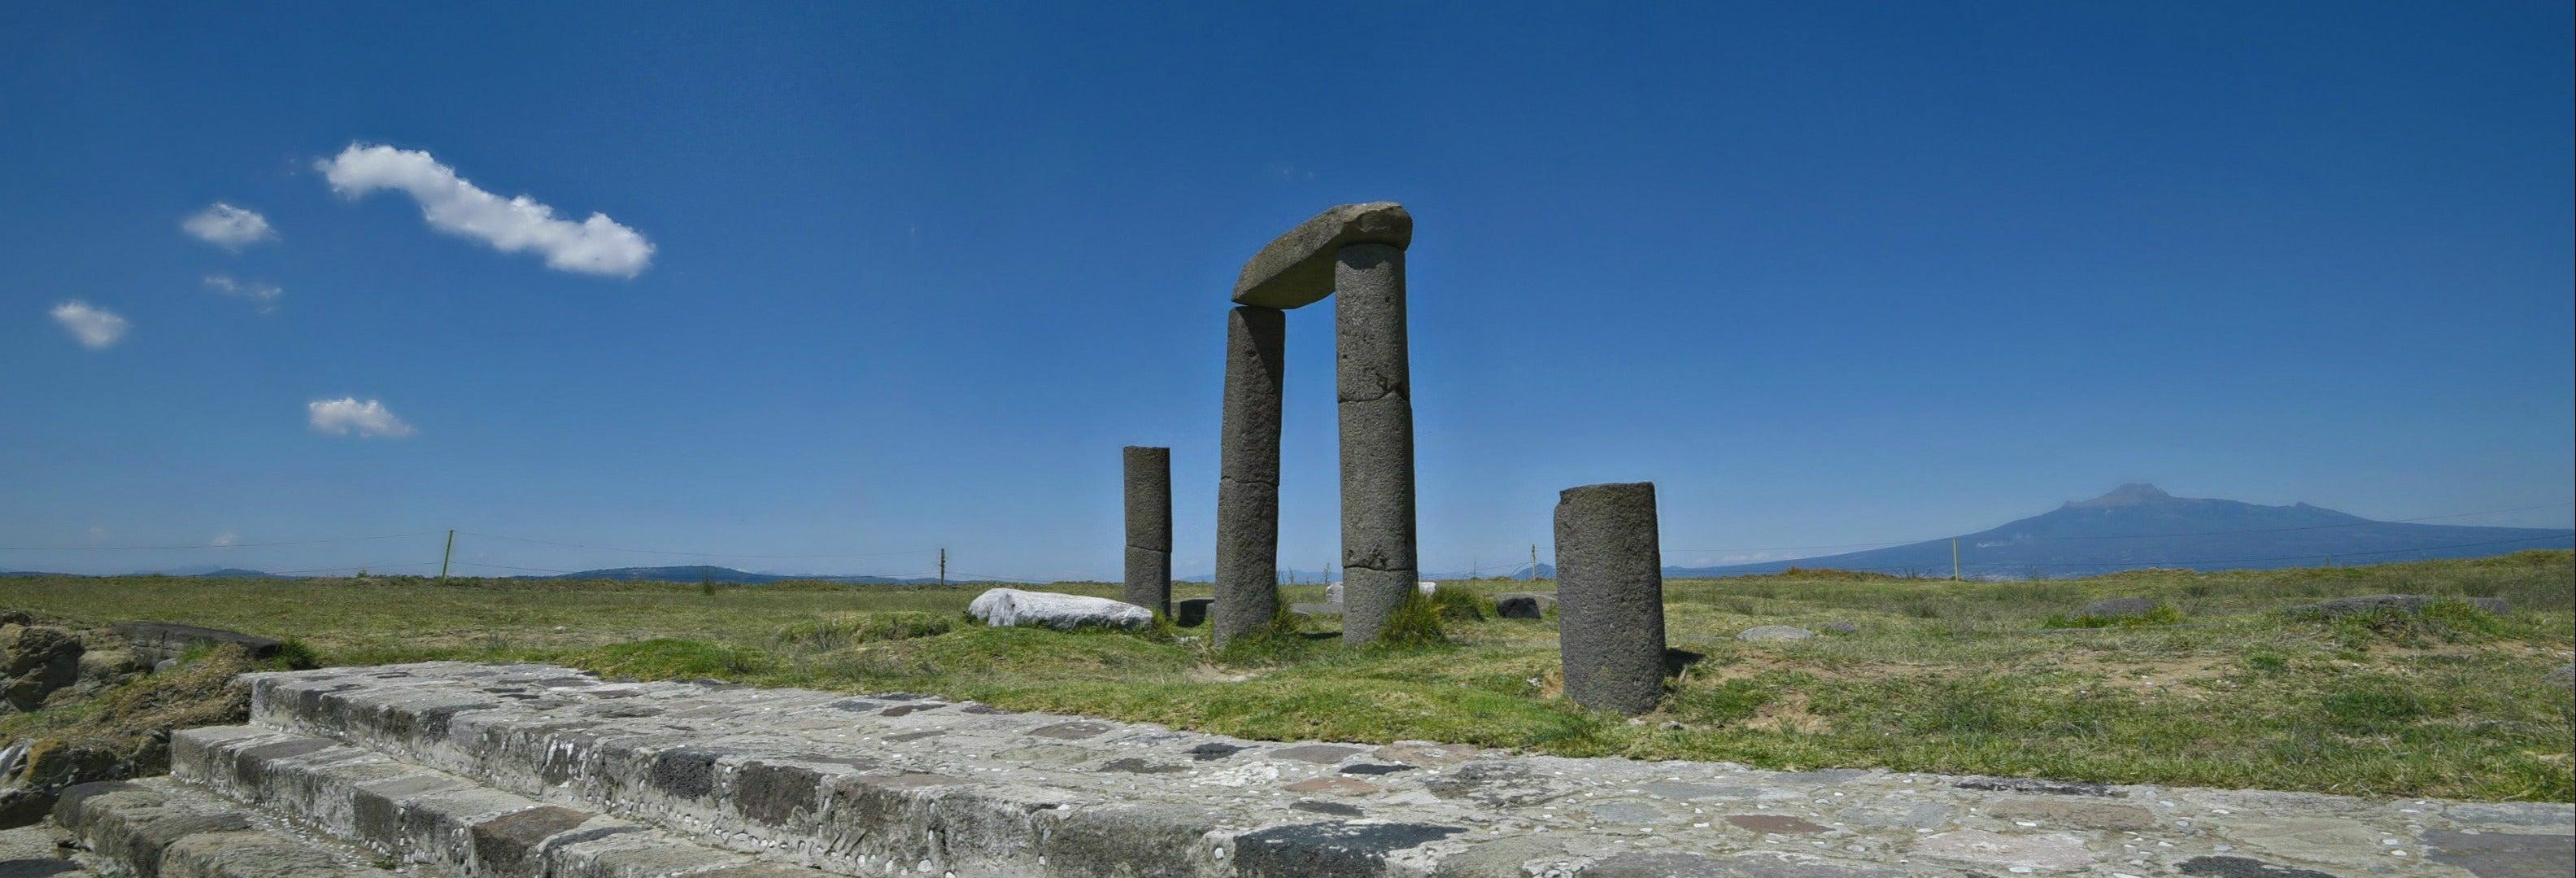 Excursión a Tlaxcala y Xochitécatl